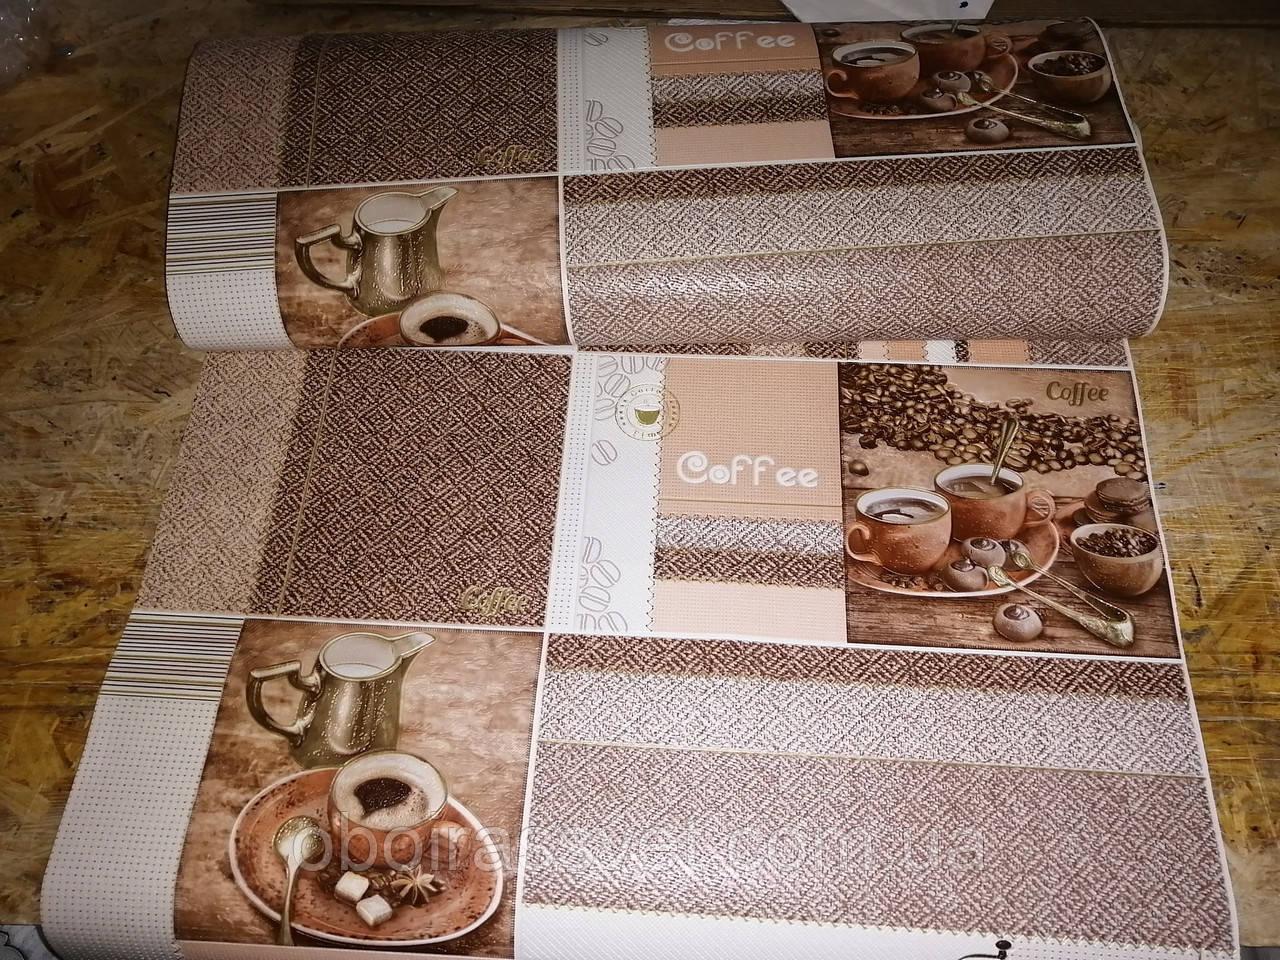 Обои Кофейня 5738-01 виниловые, супермойка длина рулона 15 м ширина 0.53м=5 полос по 3 м каждая